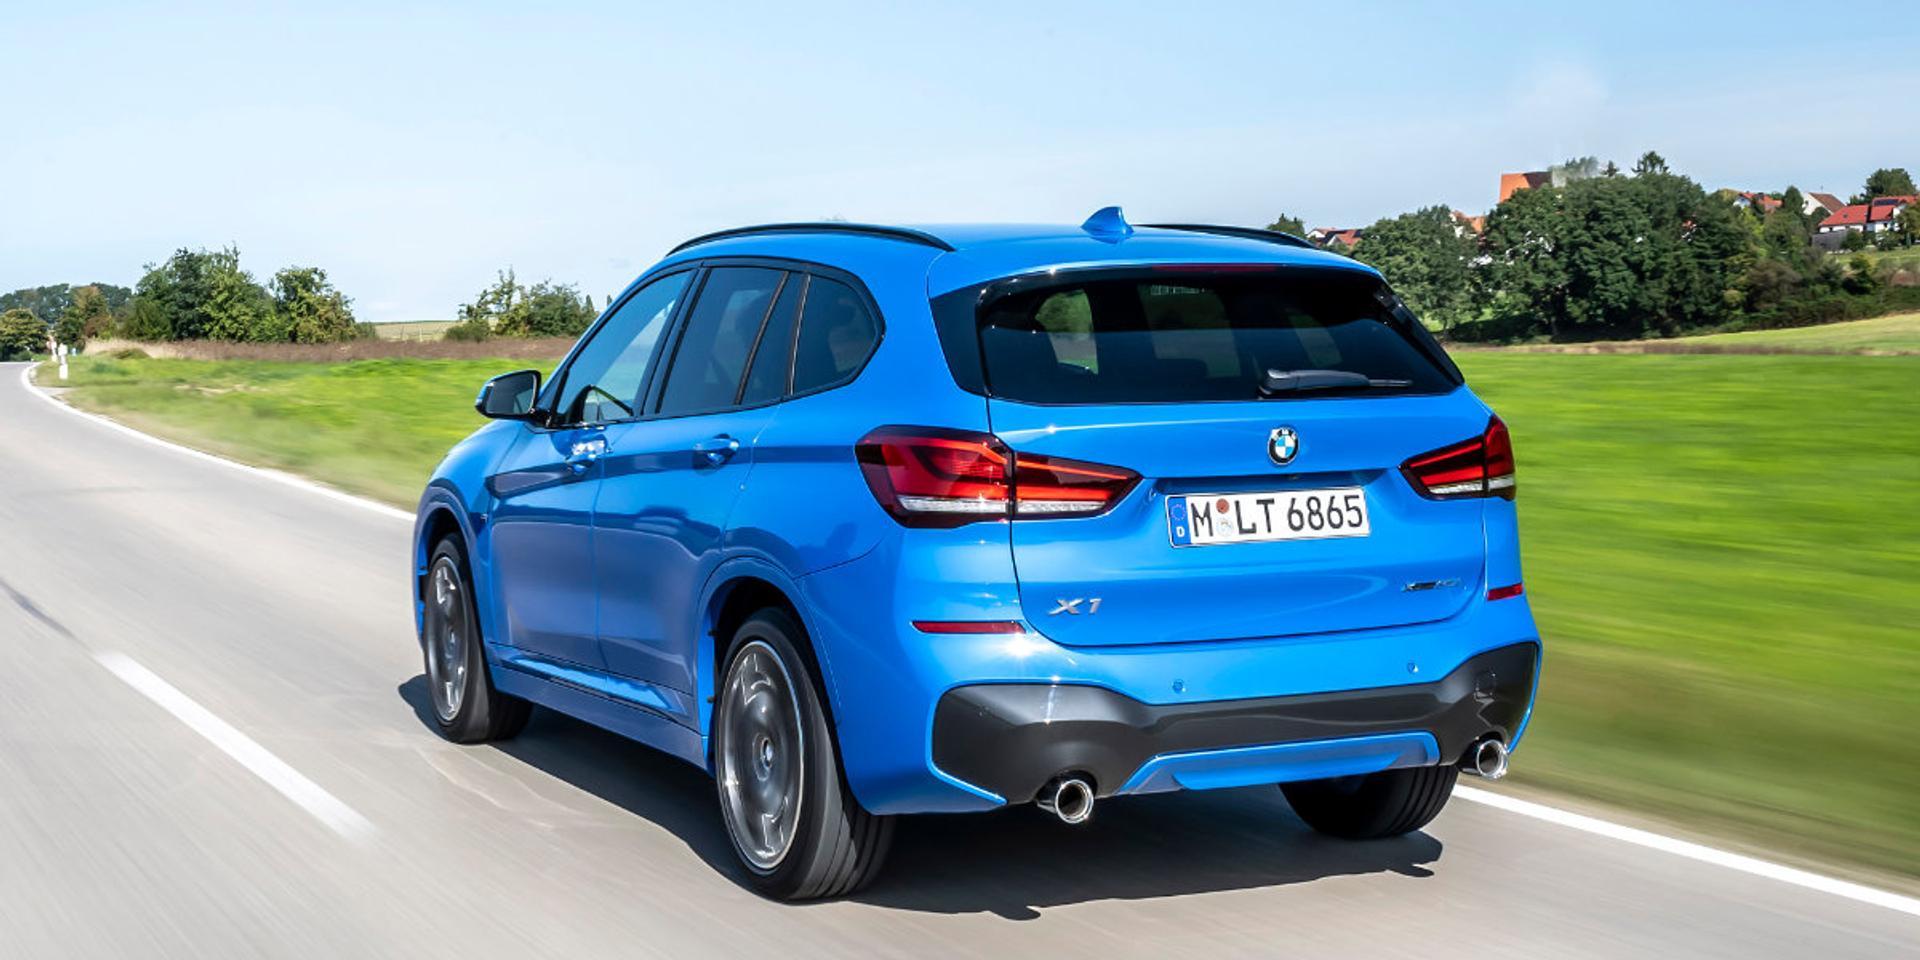 BMW X1 rear view